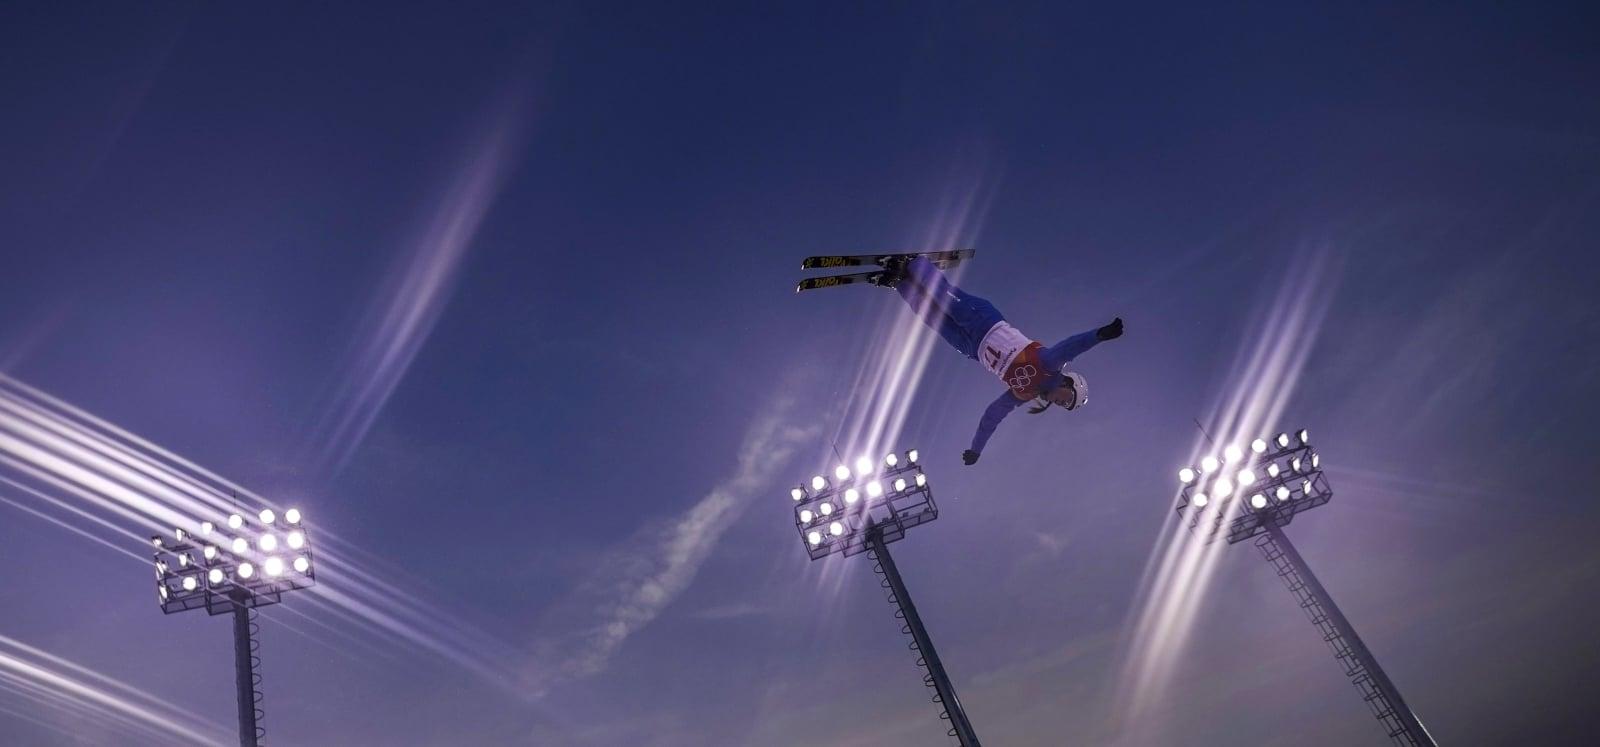 Amerykanka Madison Olsen w trakcie zawodów w skokach akrobatycznych na Igrzyskach Olimpijskich w Pjongczangu, Korea Południowa.